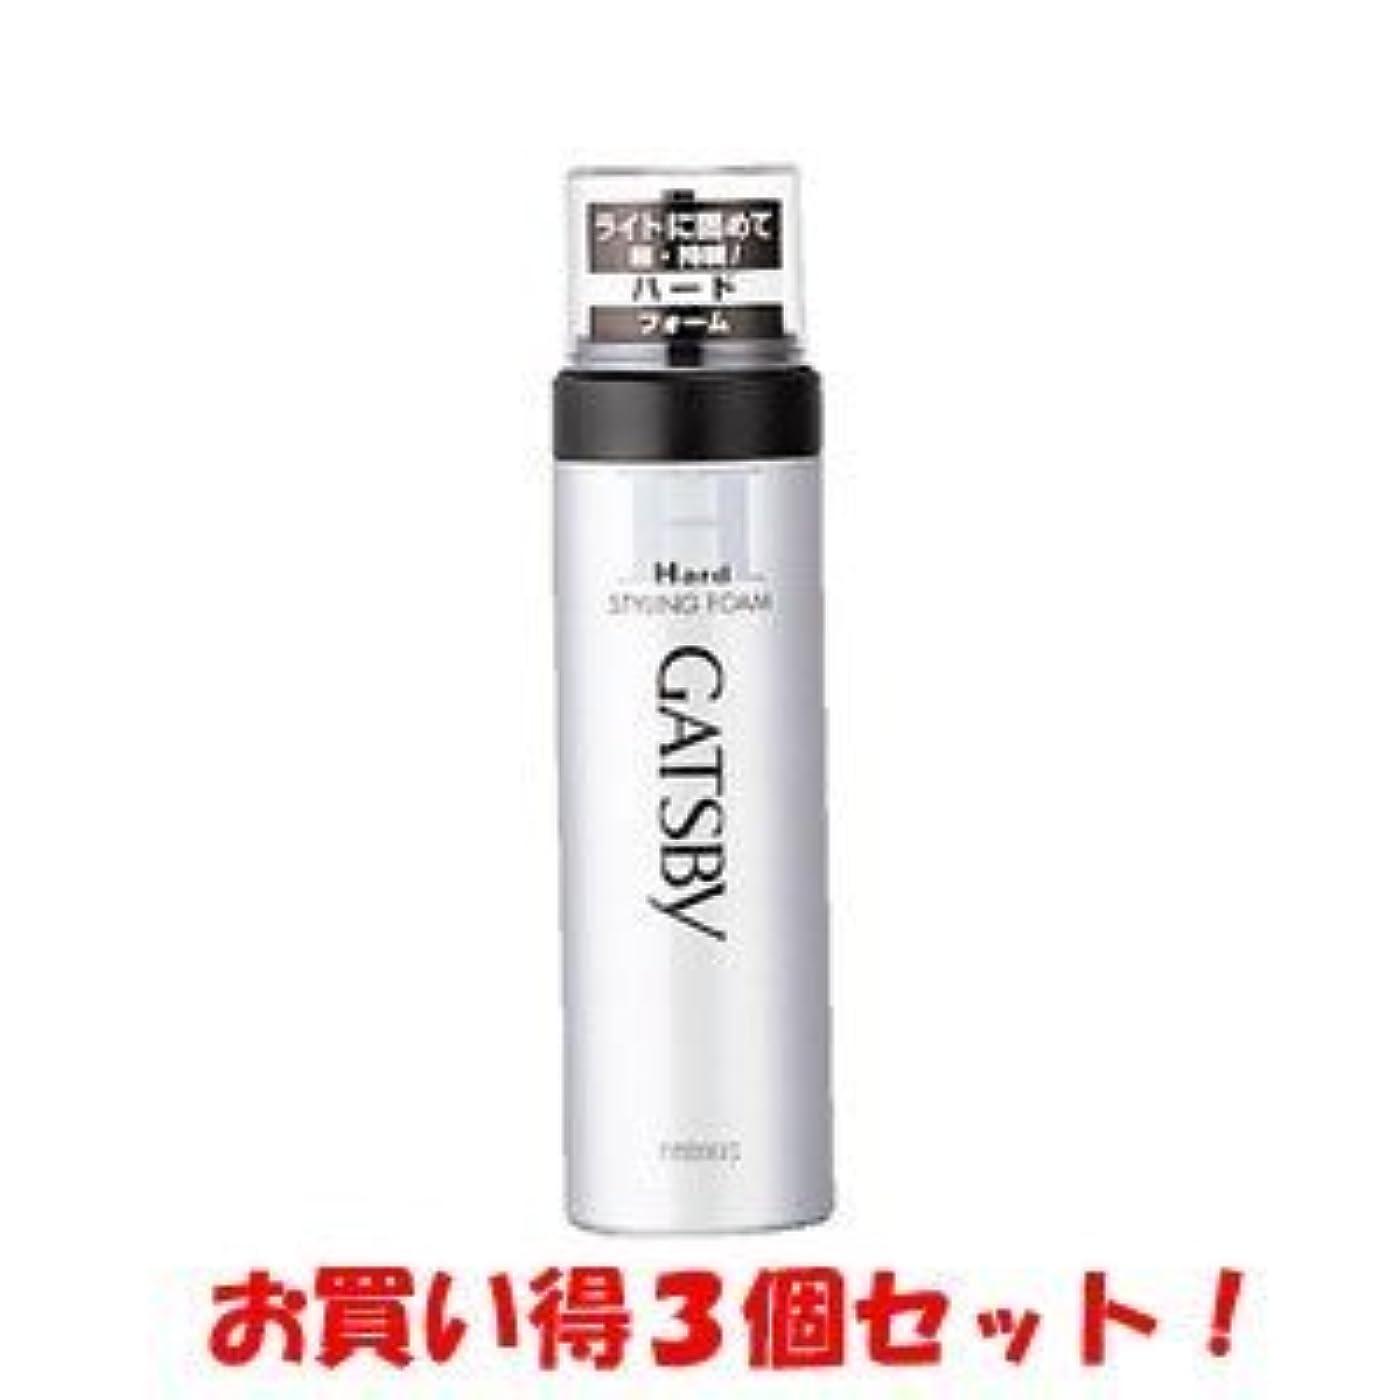 名前アッパープライムギャツビー【GATSBY】スタイリングフォーム ハード 185g(お買い得3個セット)